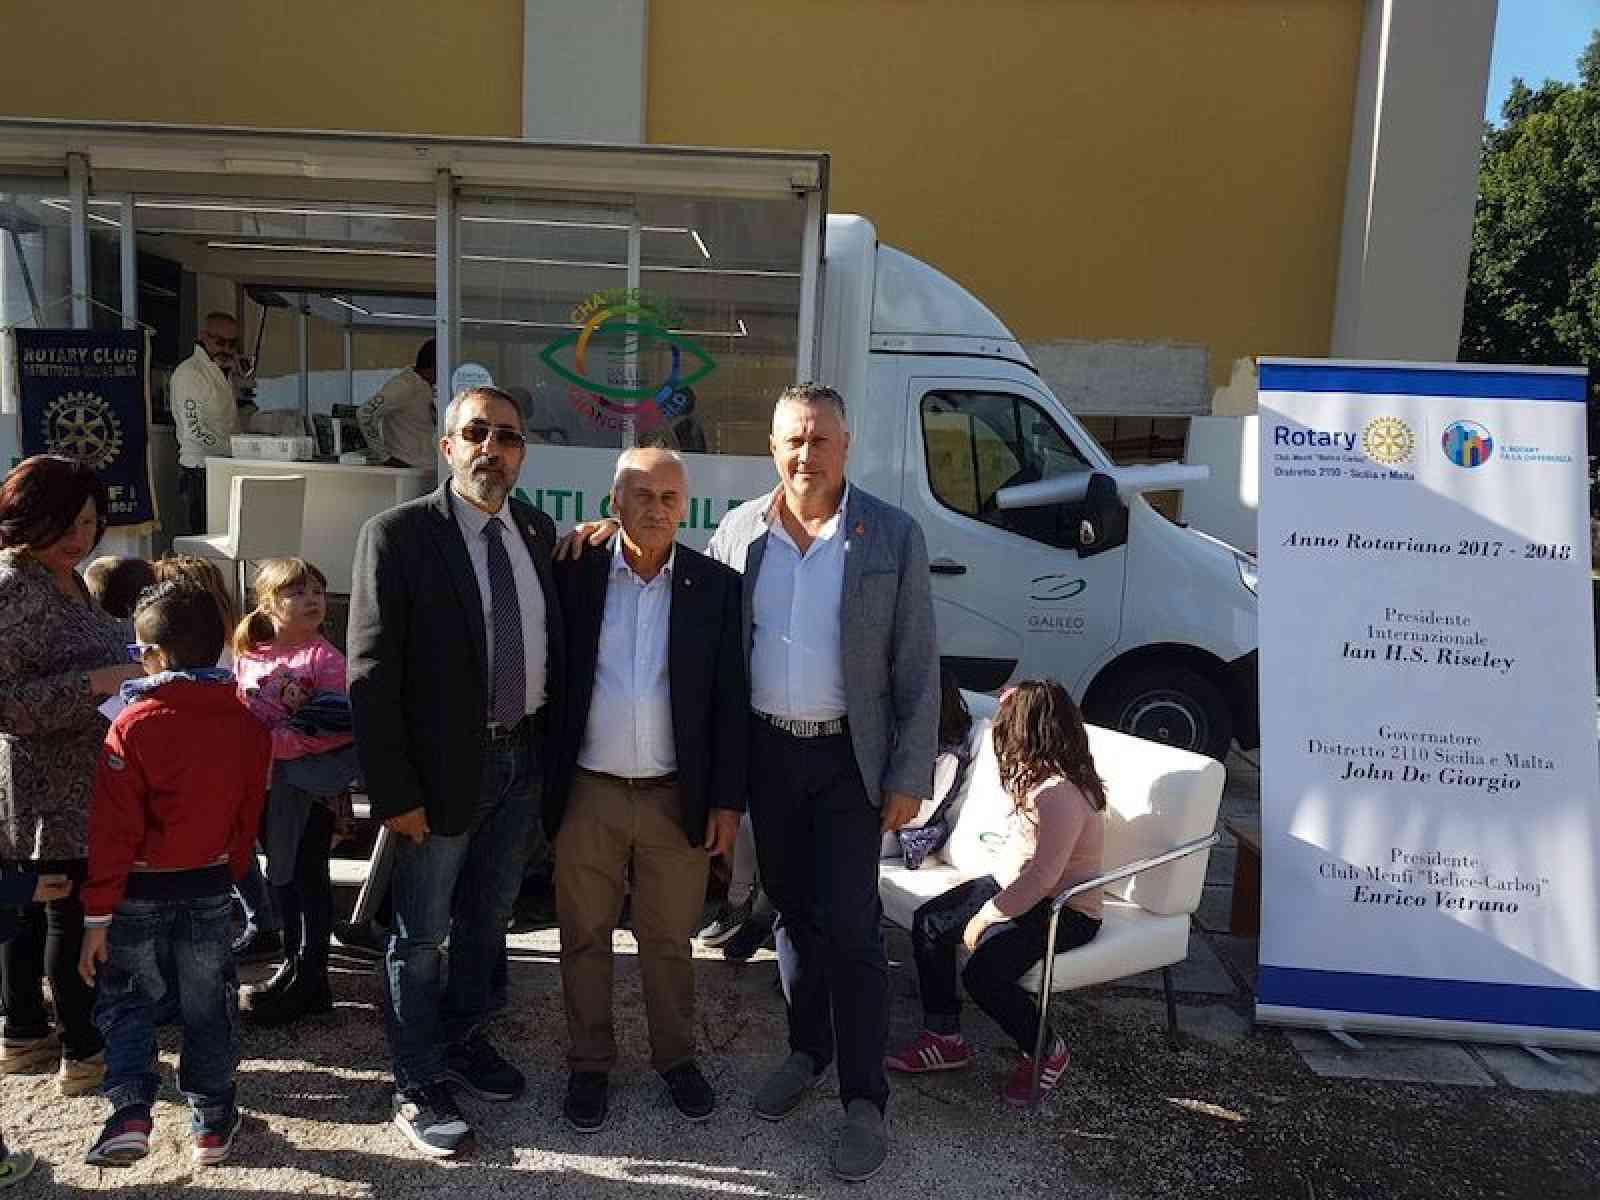 """Menfi. Screening visivo gratuito per gli alunni: """"Occhio ai più piccoli"""", successo dell'iniziativa Rotary"""